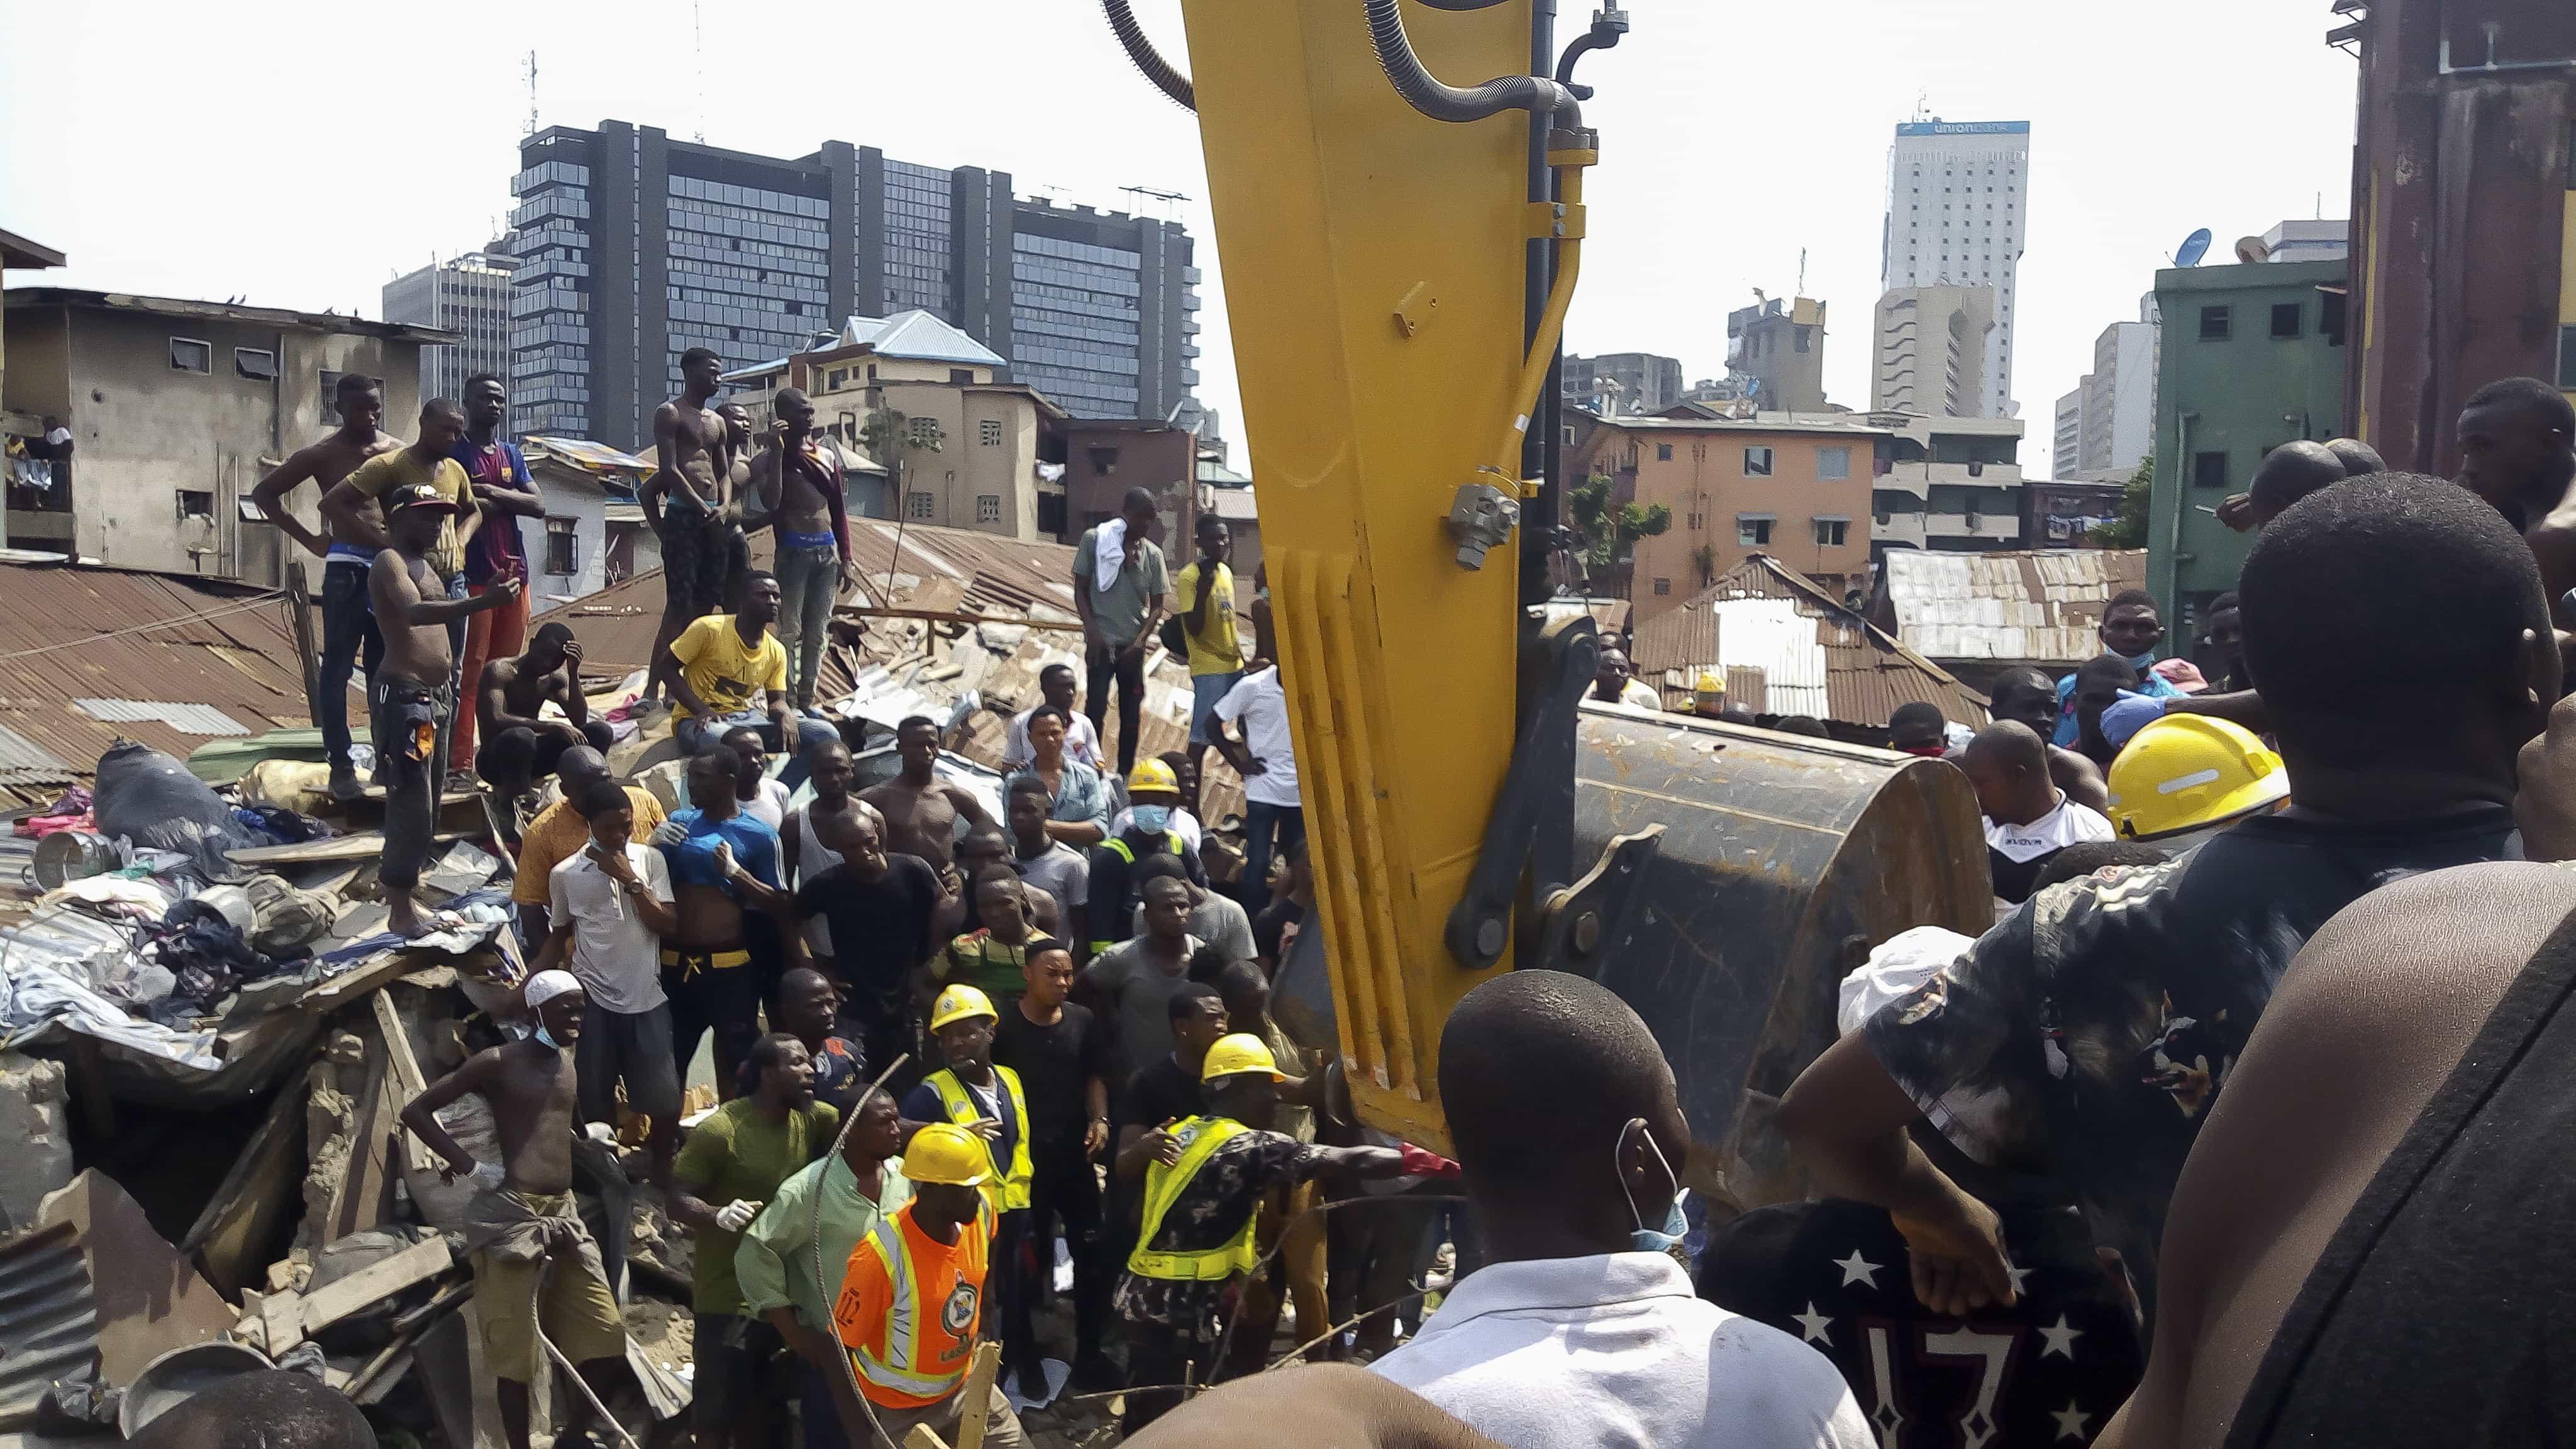 Doze mortos e 43 feridos em colapso de edifício na Nigéria